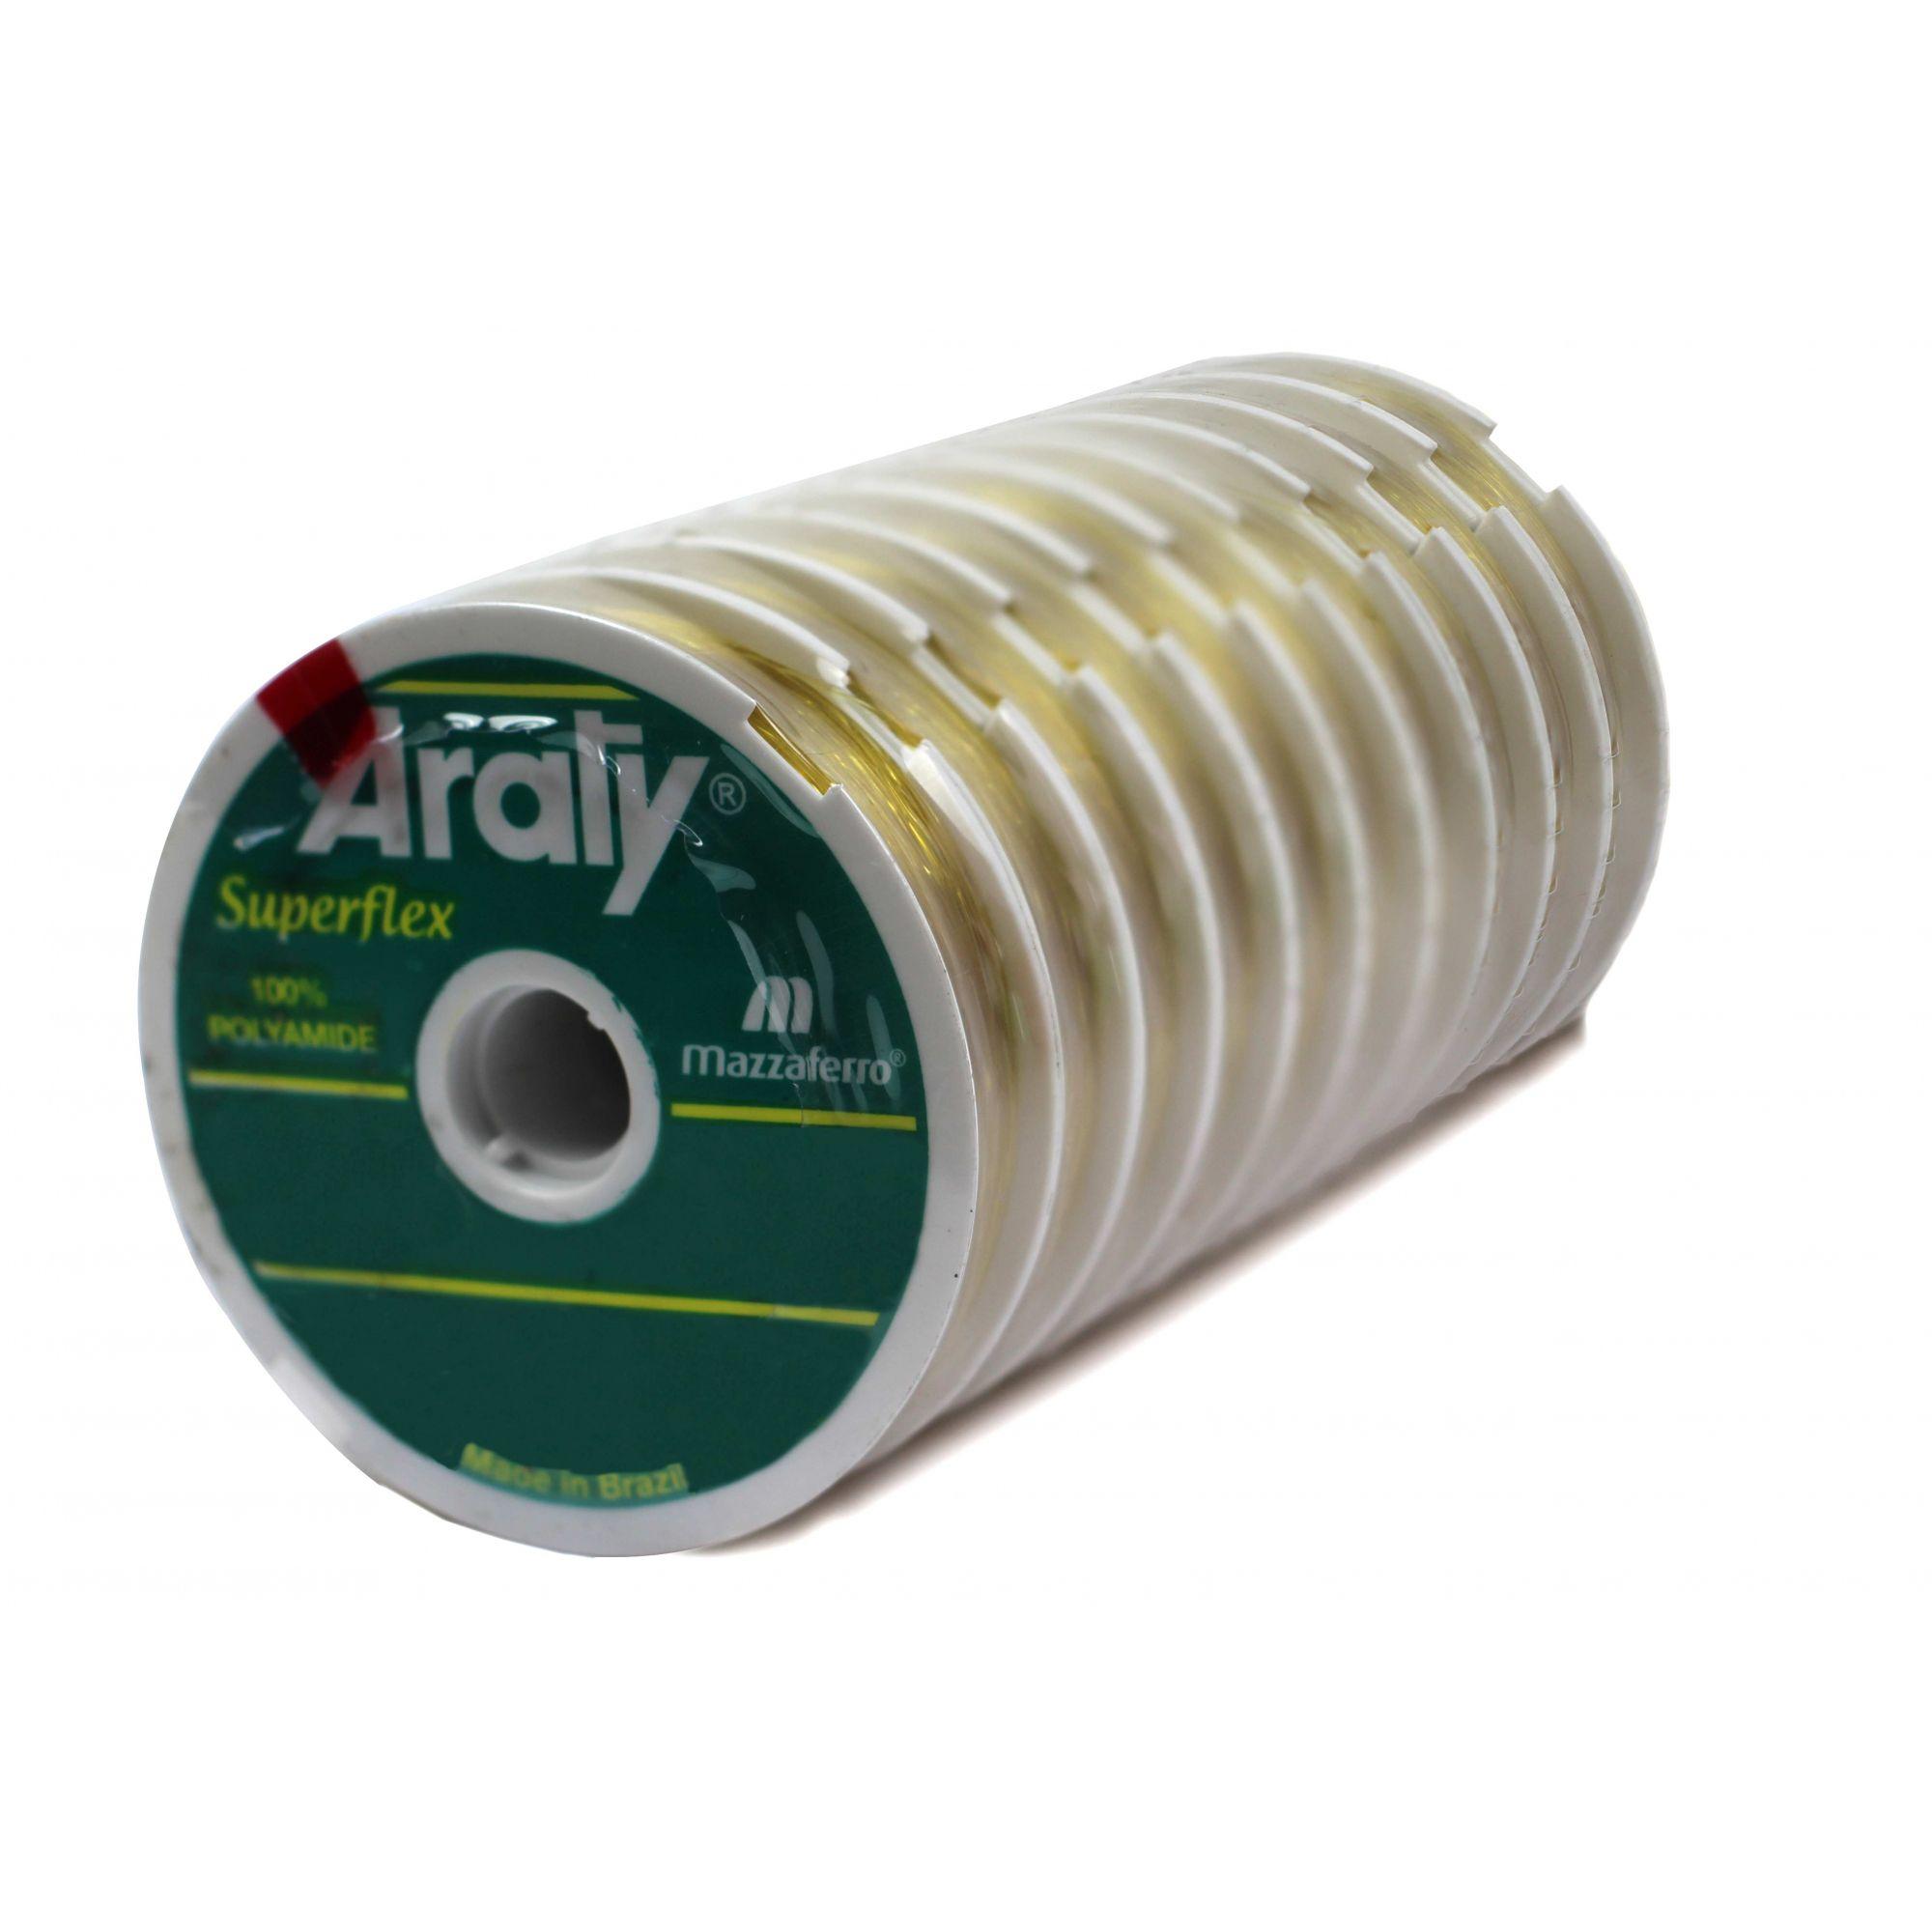 Kit 10 Linhas Monofilamento Araty UV Superflex 0,20mm 2,7kg - (10x 100 Metros)